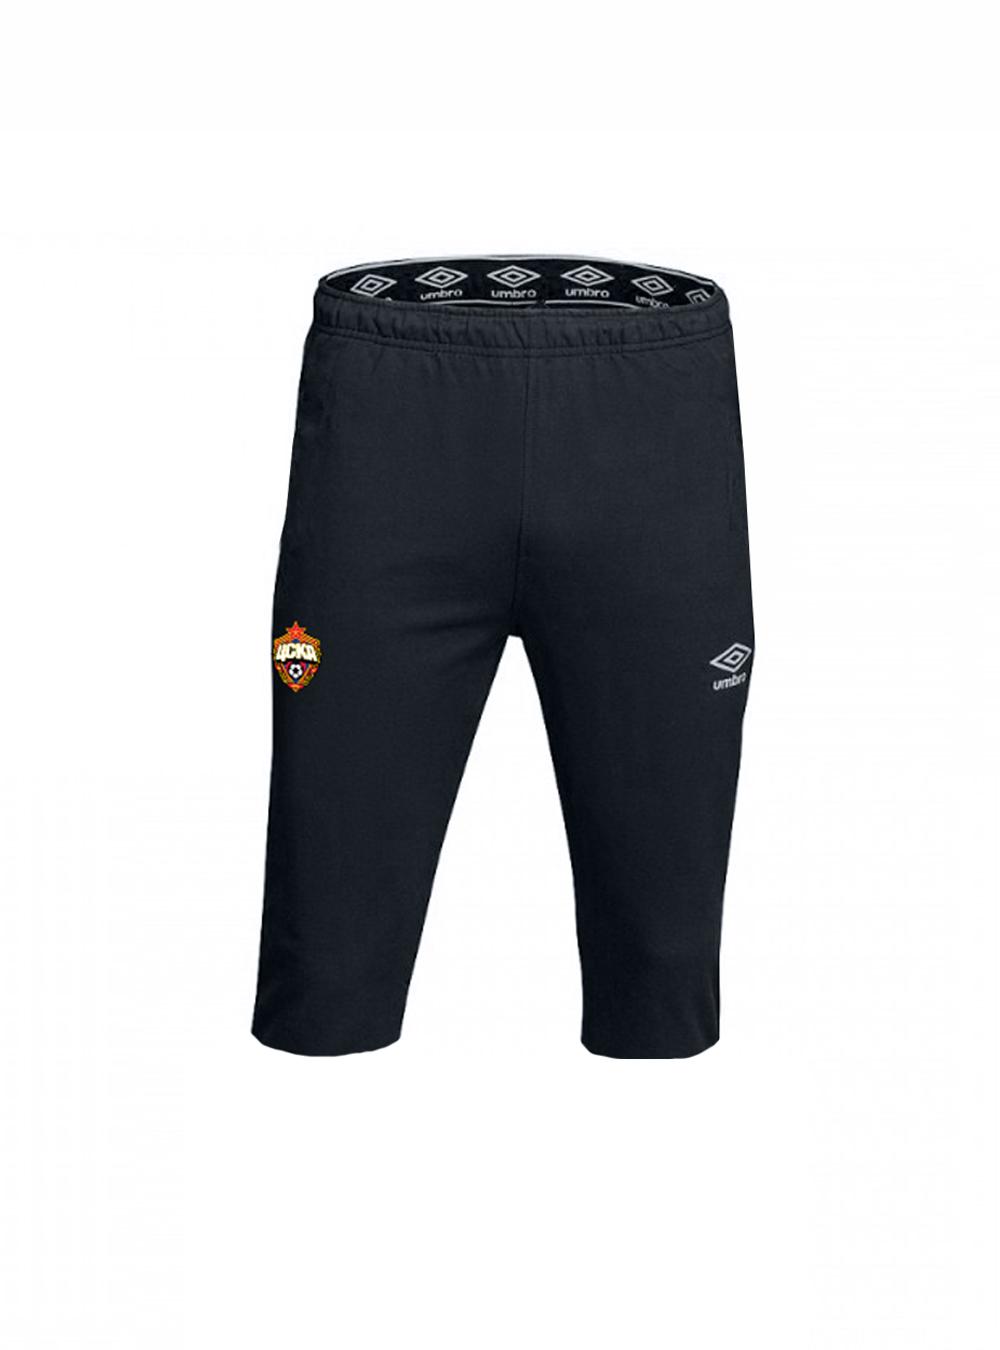 Купить Костюм тренировочный  (брюки 3/4), черный/белый (L) по Нижнему Новгороду